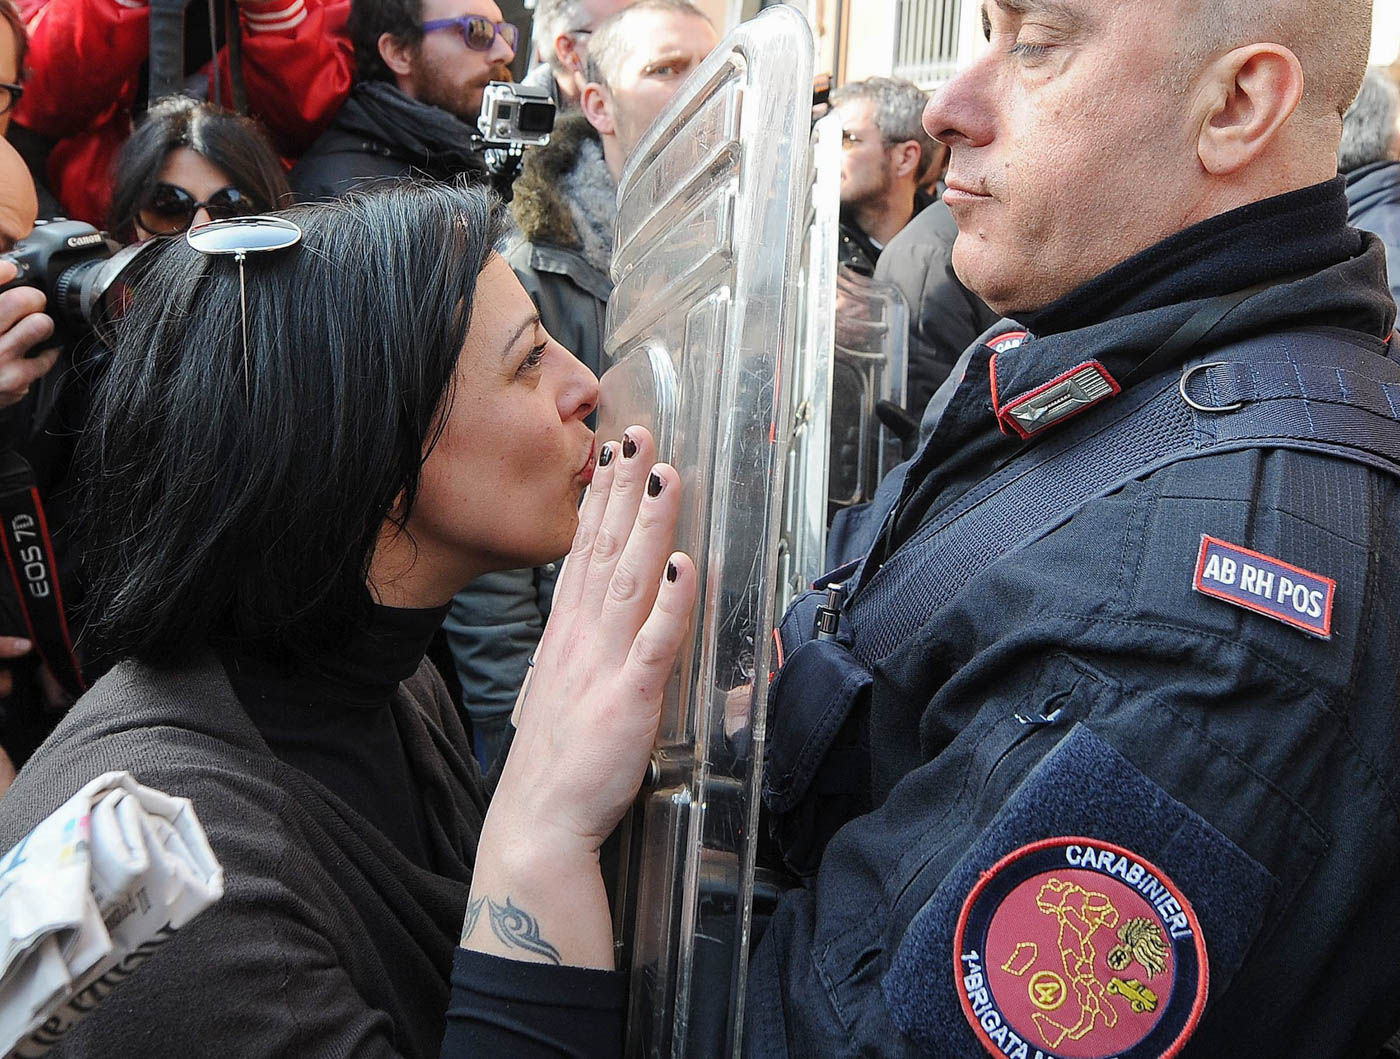 una mujer besa el escudo de un policía durante la visita del Primer Ministro de Italia, Matteo Renzi, a una escuela